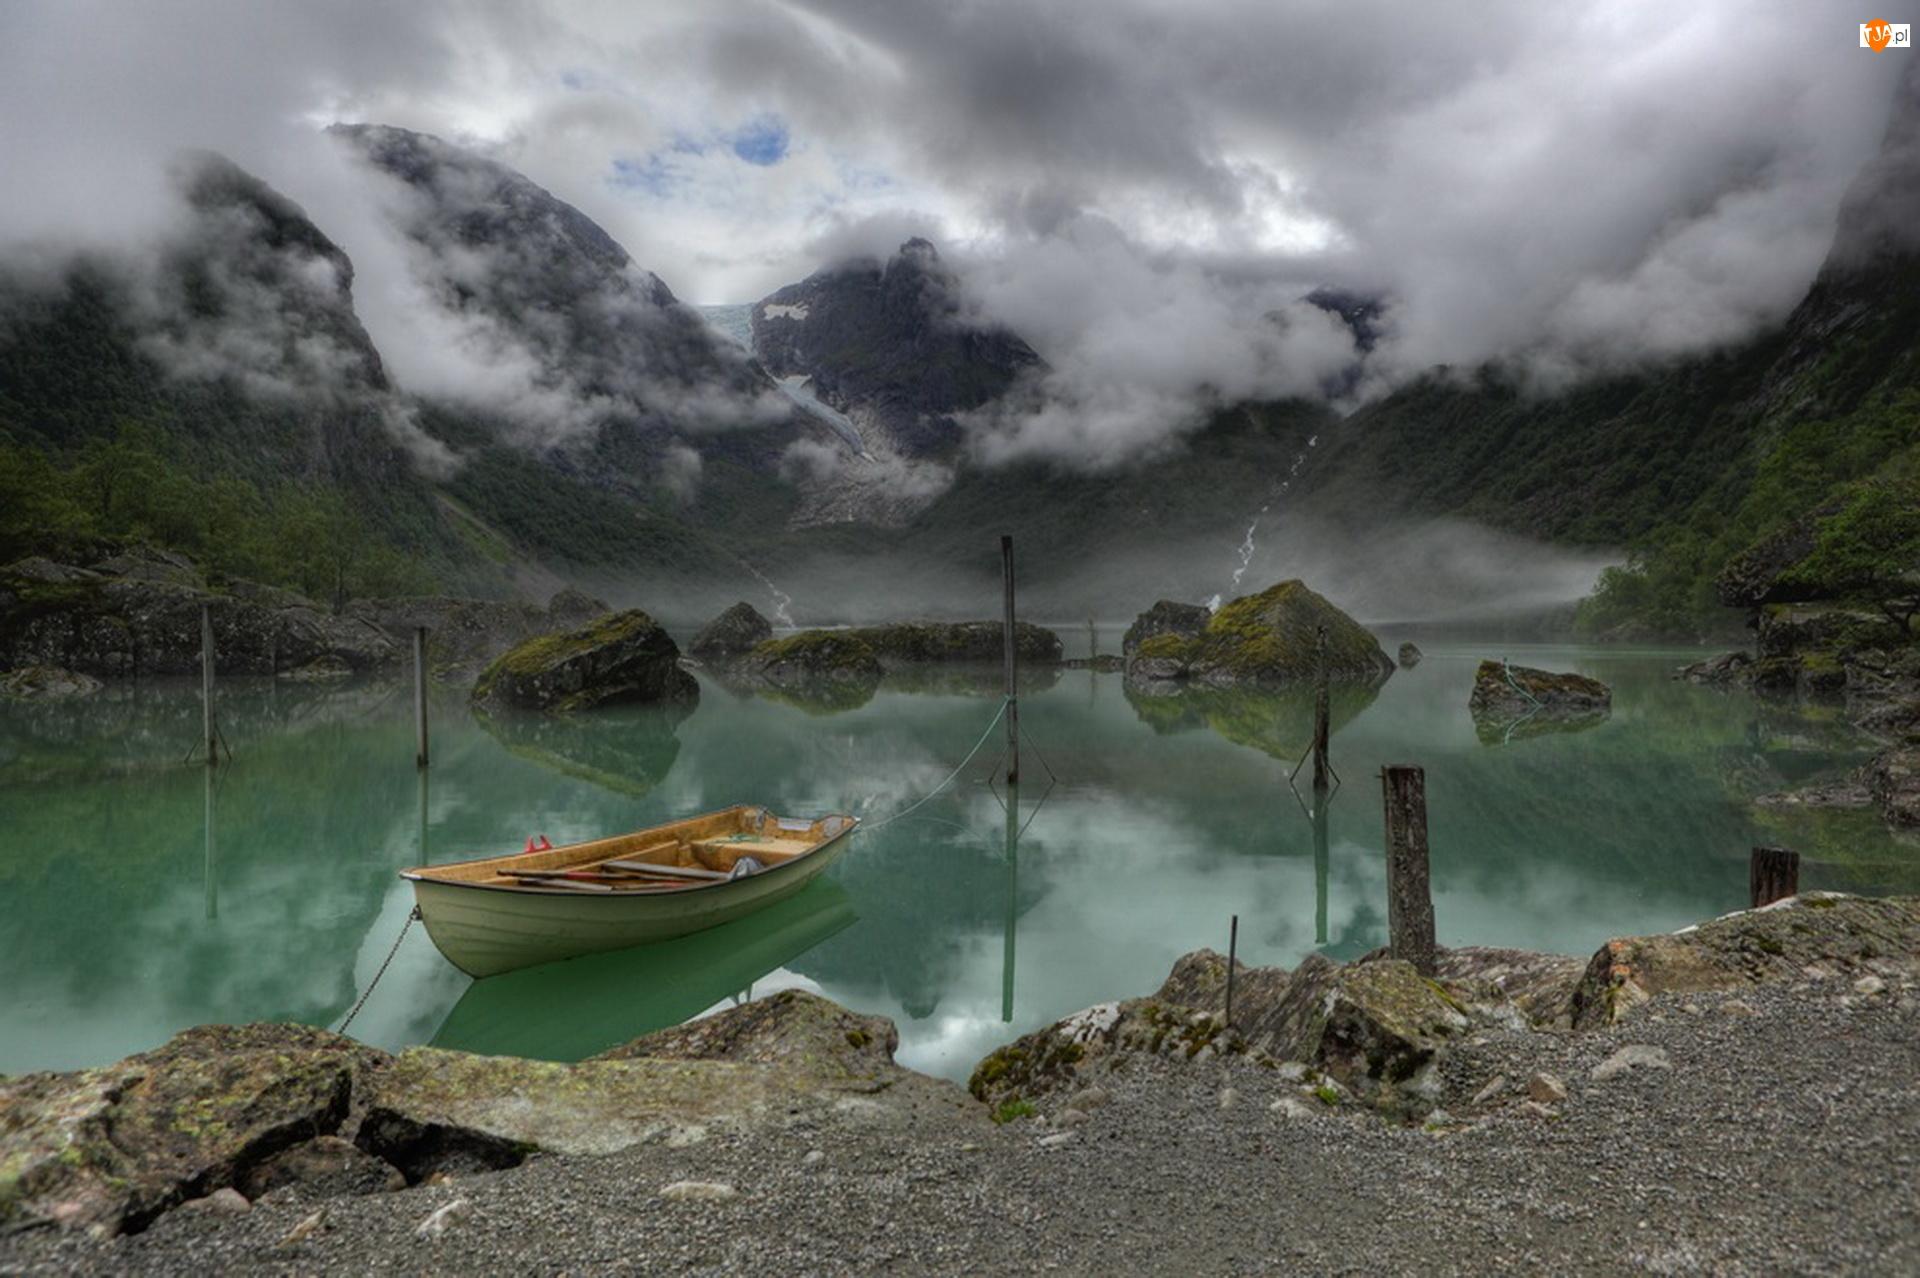 Łódka, Jezioro, Norwegia, Bondhus, Kamienie